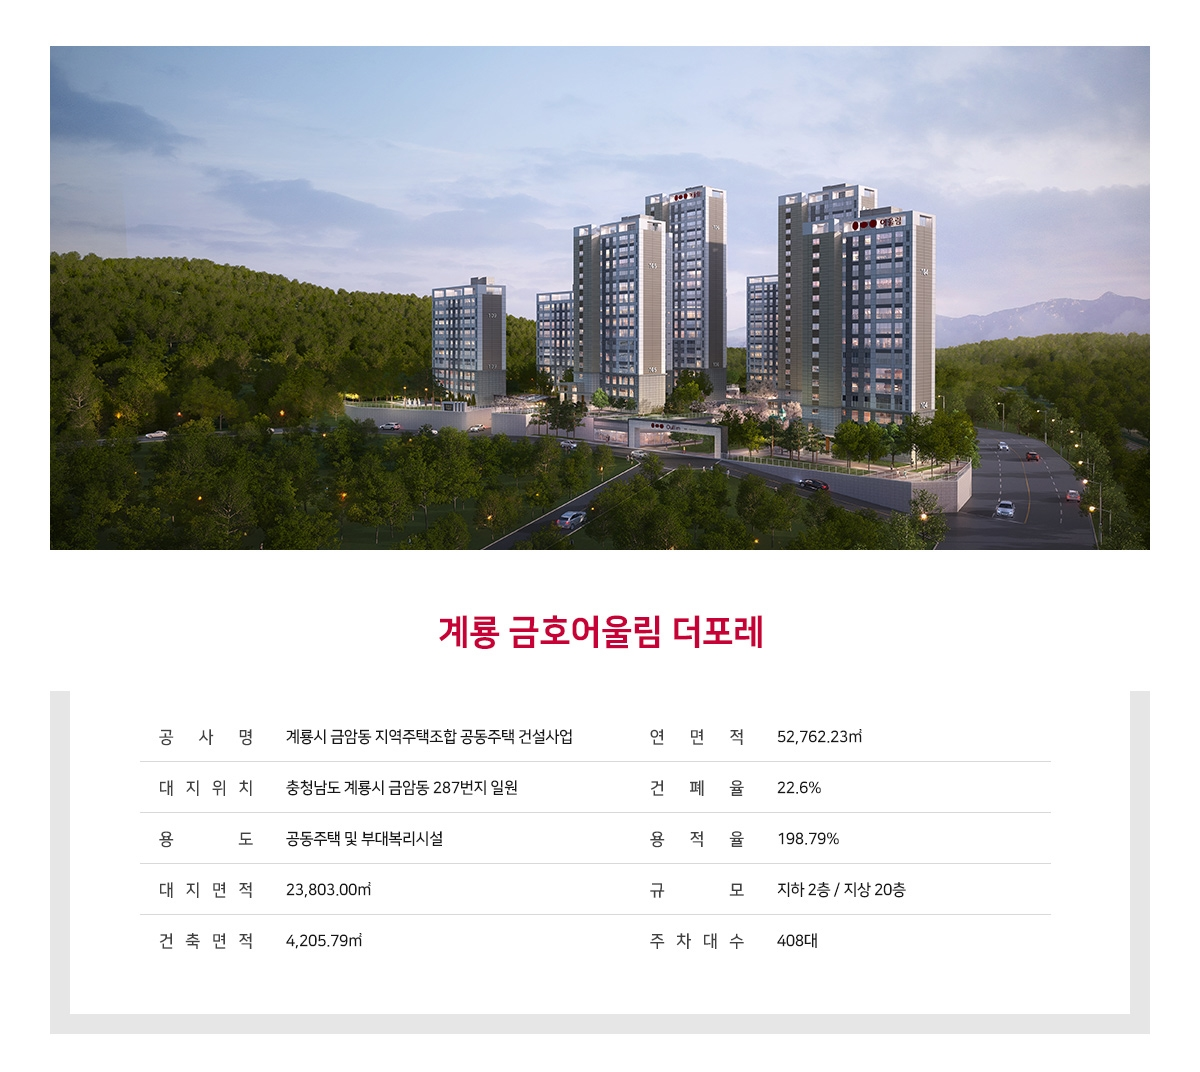 계룡 금호어울림 더포레 사업개요.jpg